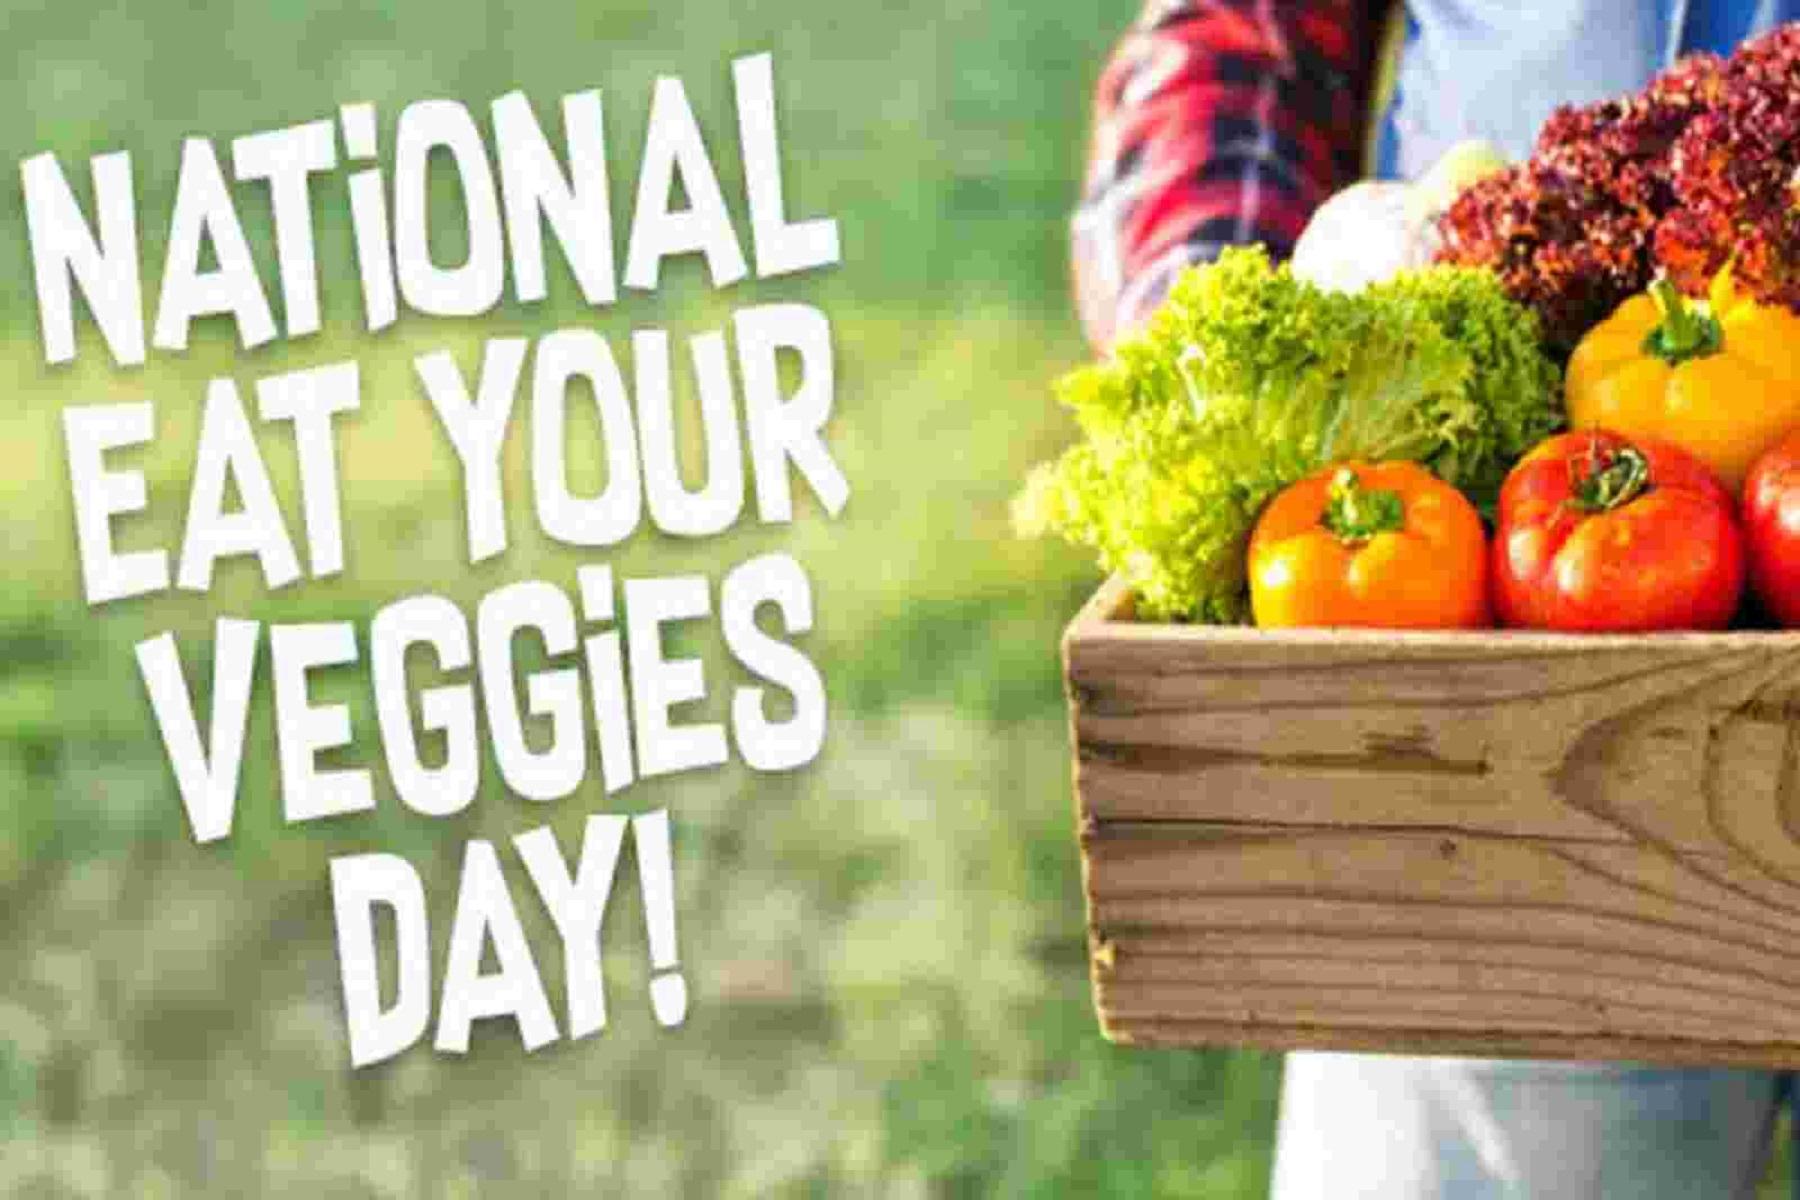 18 Ιουνίου: Εθνική Ημέρα Κατανάλωσης Λαχανικών στις ΗΠΑ